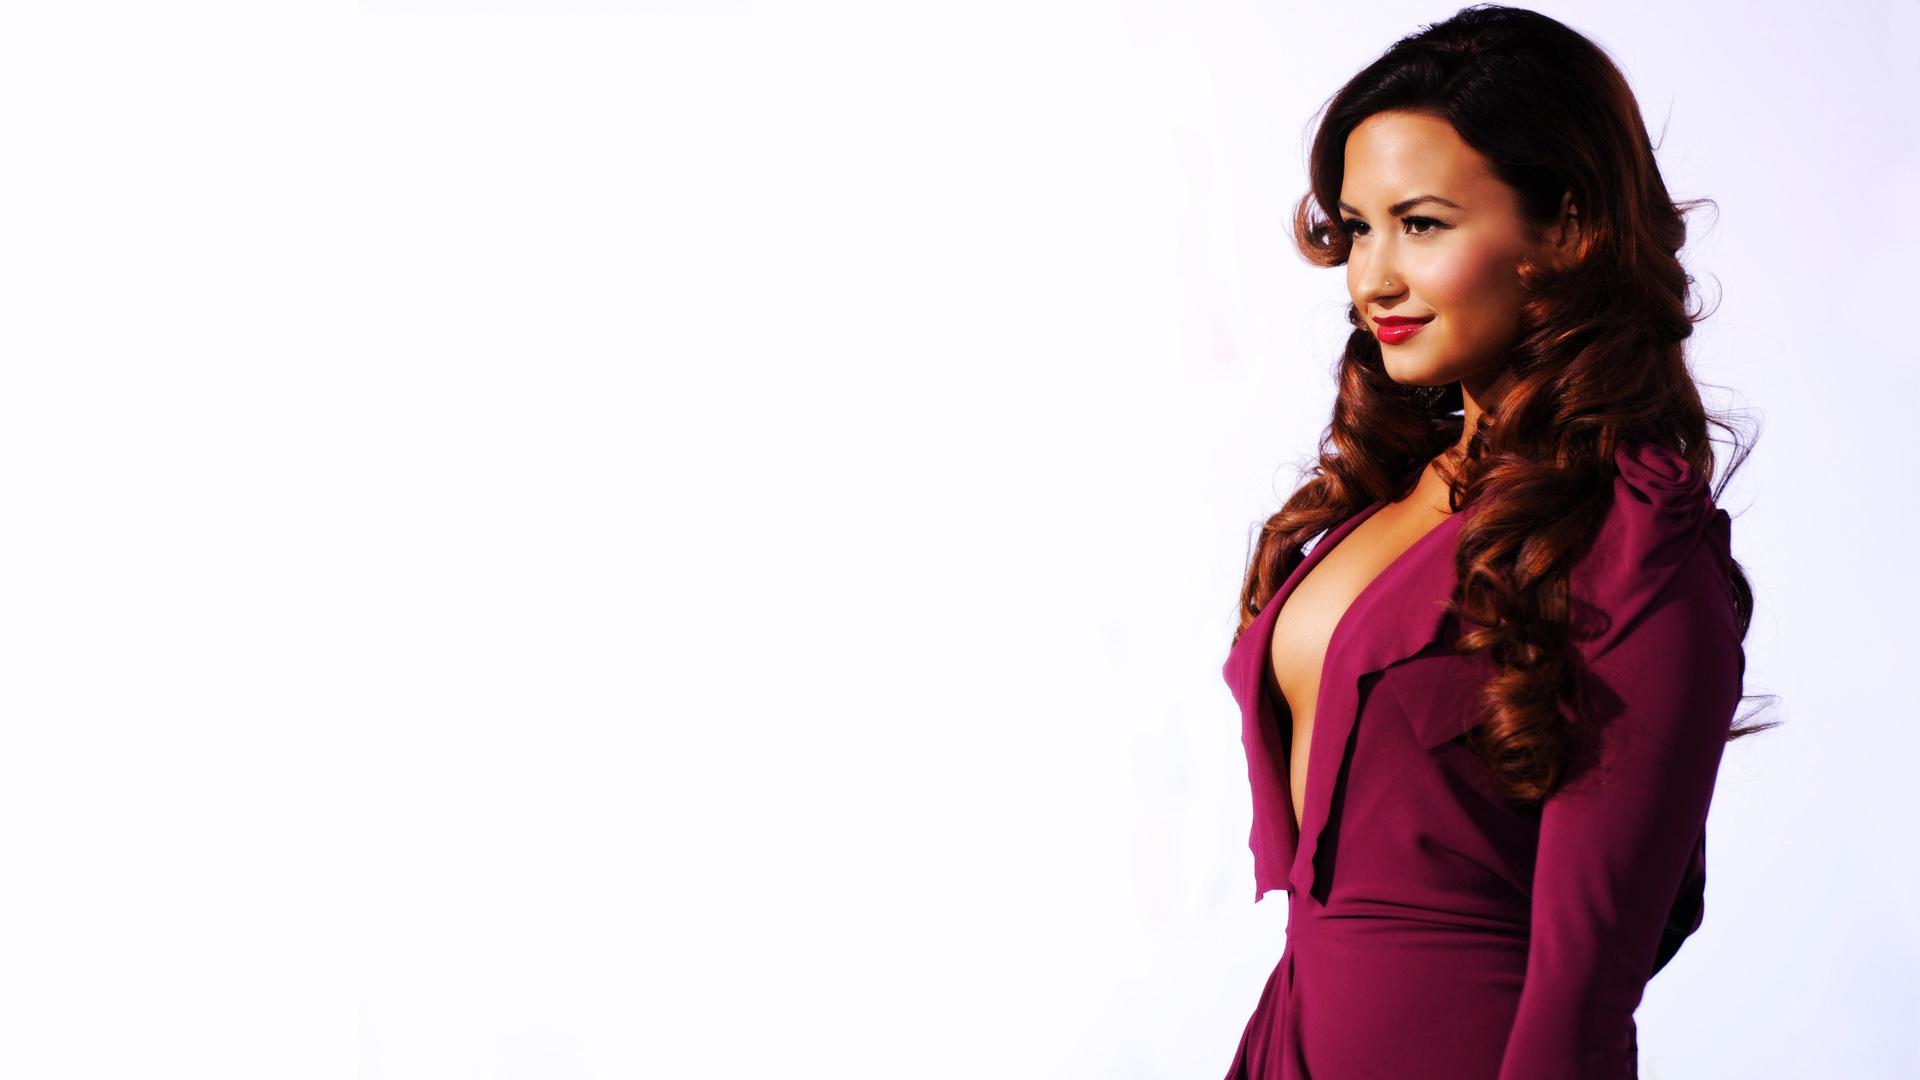 Demi Lovato 2015 Hot Wallpaper 1920x1080